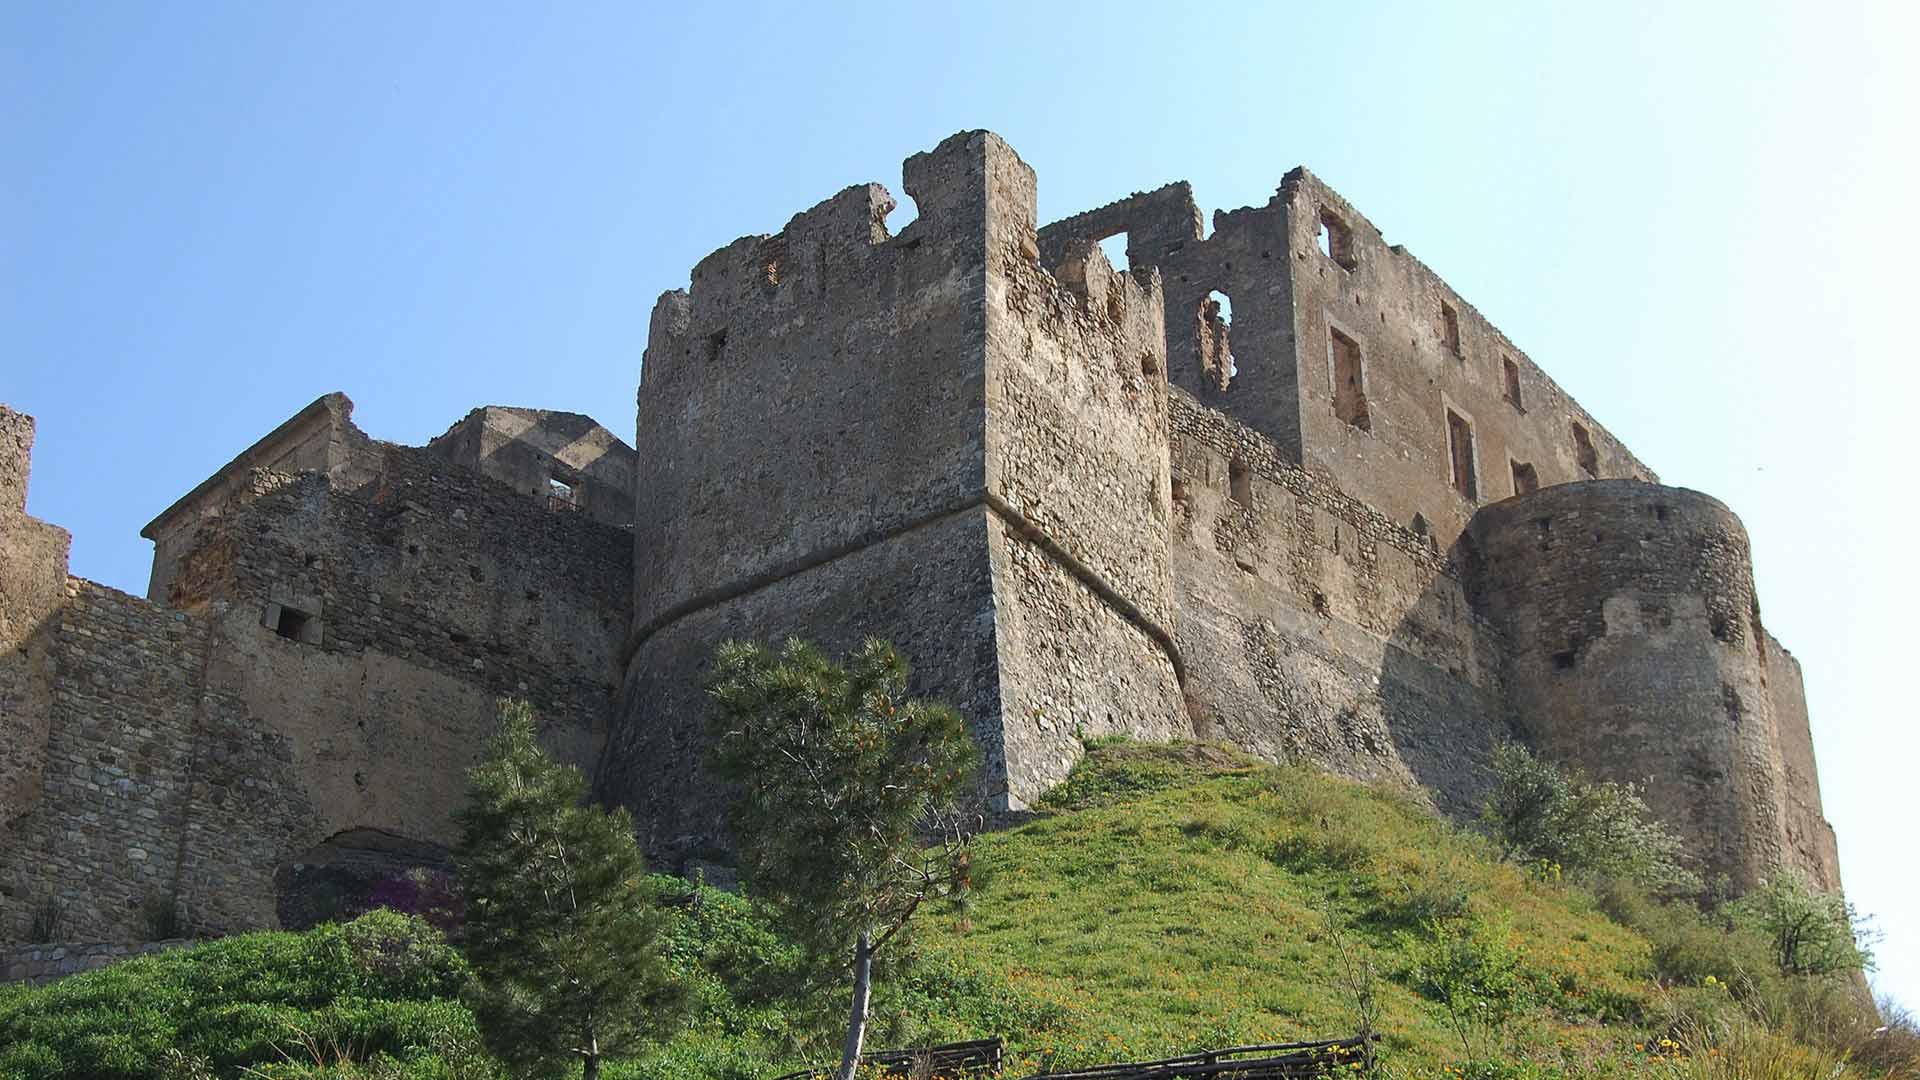 Castello Svevo di Rocca Imperiale - vista dalla strada sottostante il castello